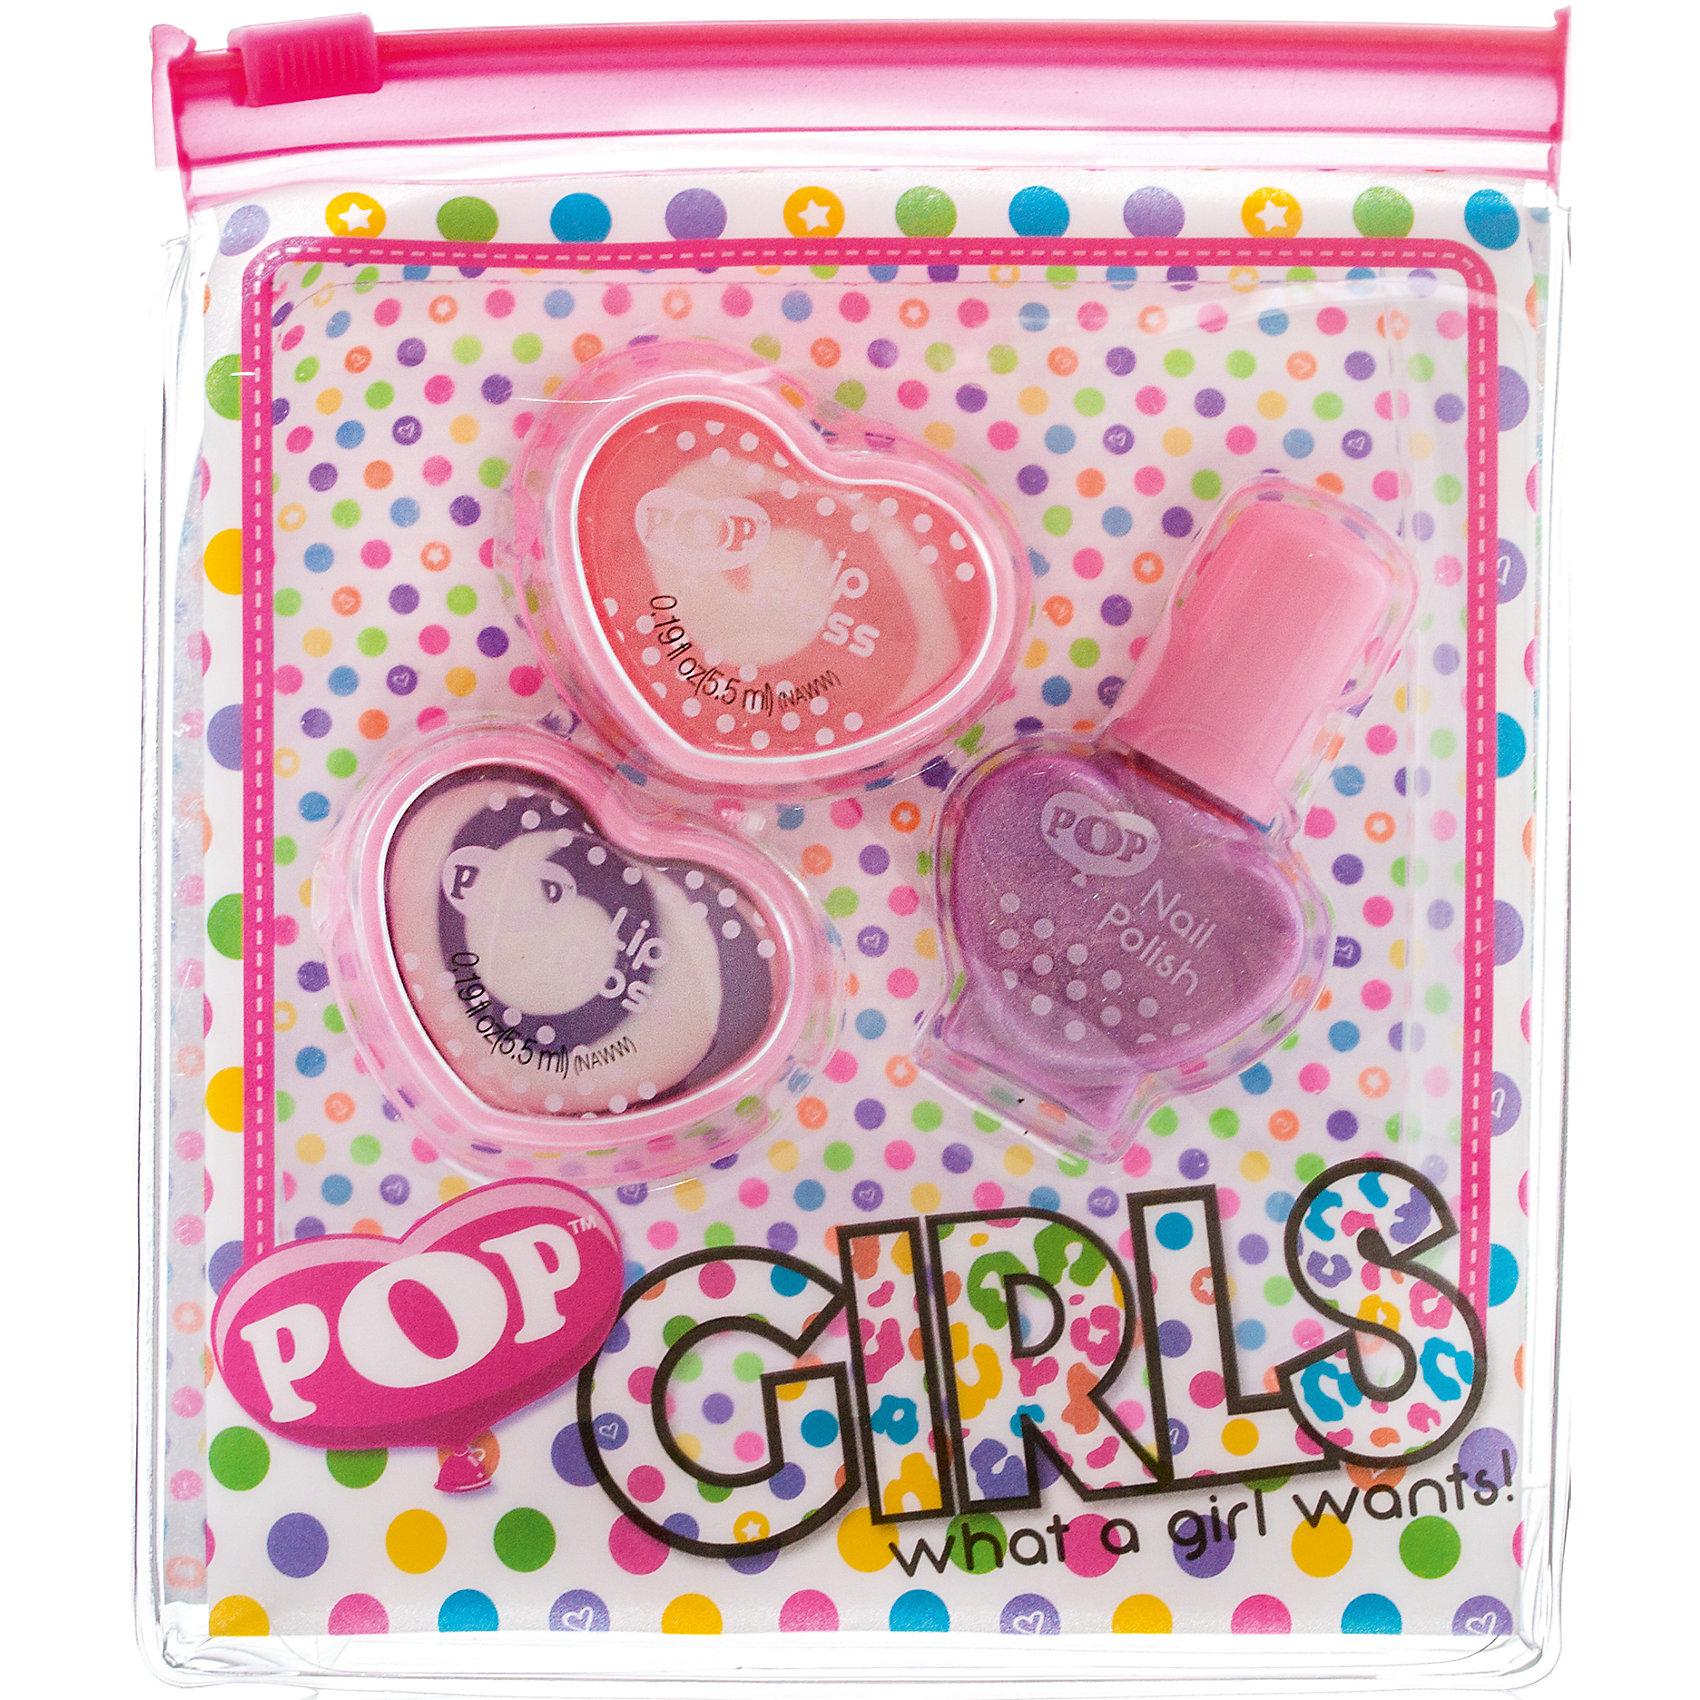 Набор детской косметики Pop Girls для губ и ногтейКосметика, грим и парфюмерия<br>Характеристики:<br><br>• Наименование: детская декоративная косметика<br>• Предназначение: для сюжетно-ролевых игр<br>• Пол: для девочки<br>• Материал: натуральные косметические компоненты, пластик<br>• Цвет: розовый, сиреневый<br>• Комплектация: 2 баночки блеска для губ, лак для ногтей<br>• Размеры (Д*Ш*В): 11*2*13 см<br>• Вес: 55 г <br>• Упаковка: косметичка на замочке<br><br>Игровой набор детской декоративной косметики POP для губ и ногтей – это набор игровой детской косметики от Markwins, которая вот уже несколько десятилетий специализируется на выпуске детской косметики. Рецептура декоративной детской косметики разработана совместно с косметологами и медиками, в основе рецептуры – водная основа, а потому она гипоаллергенны, не вызывает раздражений на детской коже и легко смывается, не оставляя следа. Безопасность продукции подтверждена международными сертификатами качества и безопасности. <br>Игровой набор детской декоративной косметики POP для губ и ногтей состоит из 2-х баночек блеска для губ модных в любом сезоне оттенков и лака для ногтей. Набор упакован в косметичку на замочке-молнии. Косметические средства, входящие в состав набора, имеют длительный срок хранения – 12 месяцев. Игровой набор детской декоративной косметики POP для губ и ногтей от Markwins может стать незаменимым праздничным подарком для любой маленькой модницы!<br><br>Игровой набор детской декоративной косметики POP для губ и ногтей можно купить в нашем интернет-магазине.<br><br>Ширина мм: 110<br>Глубина мм: 130<br>Высота мм: 30<br>Вес г: 68<br>Возраст от месяцев: 48<br>Возраст до месяцев: 120<br>Пол: Женский<br>Возраст: Детский<br>SKU: 5124693